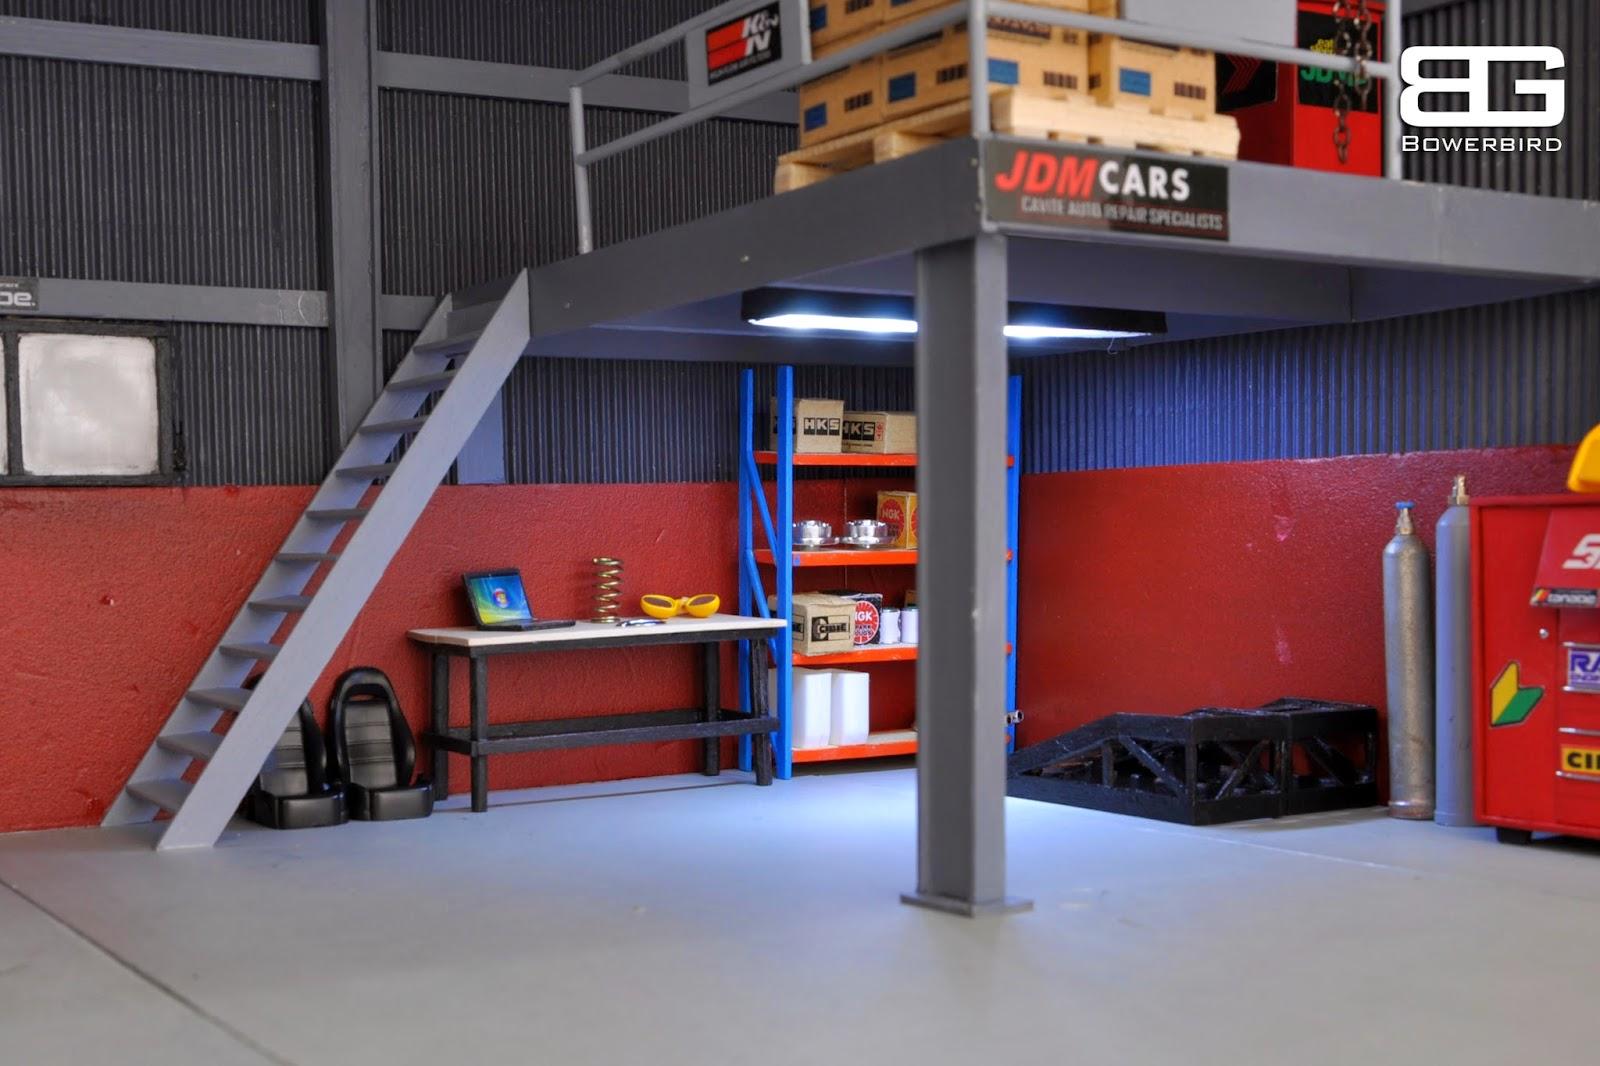 Bowerbird Garage Diorama: Bowerbird Garage